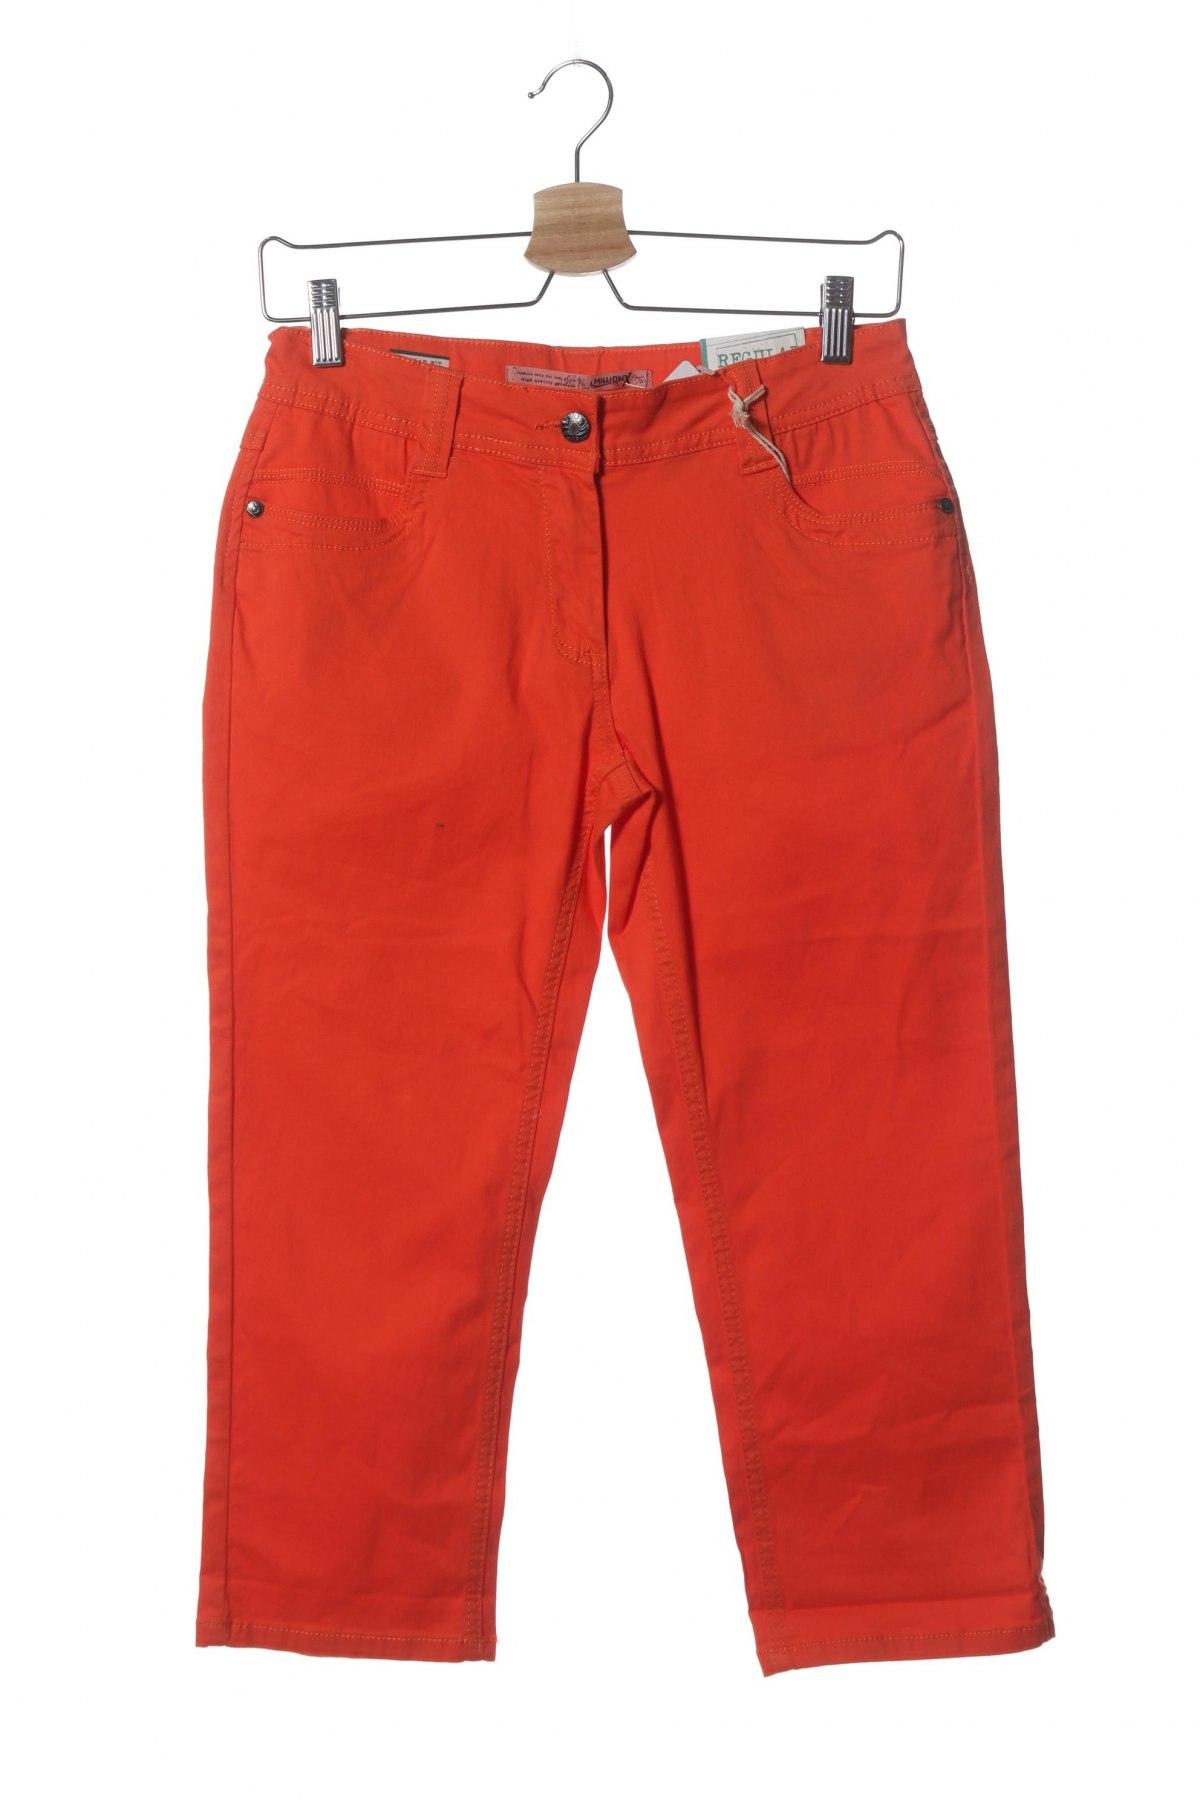 Παιδικό παντελόνι Million X, Μέγεθος 14-15y/ 168-170 εκ., Χρώμα Πορτοκαλί, 98% βαμβάκι, 2% ελαστάνη, Τιμή 10,64€